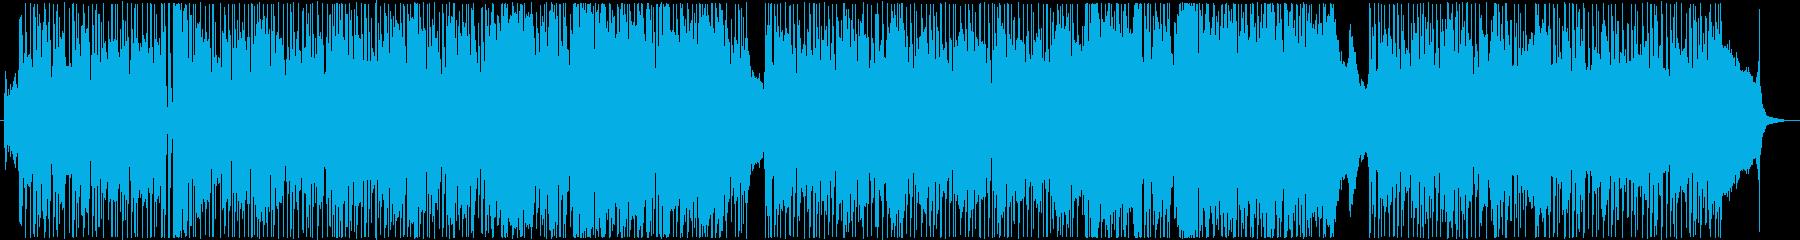 嵐~星での暮らし~の再生済みの波形